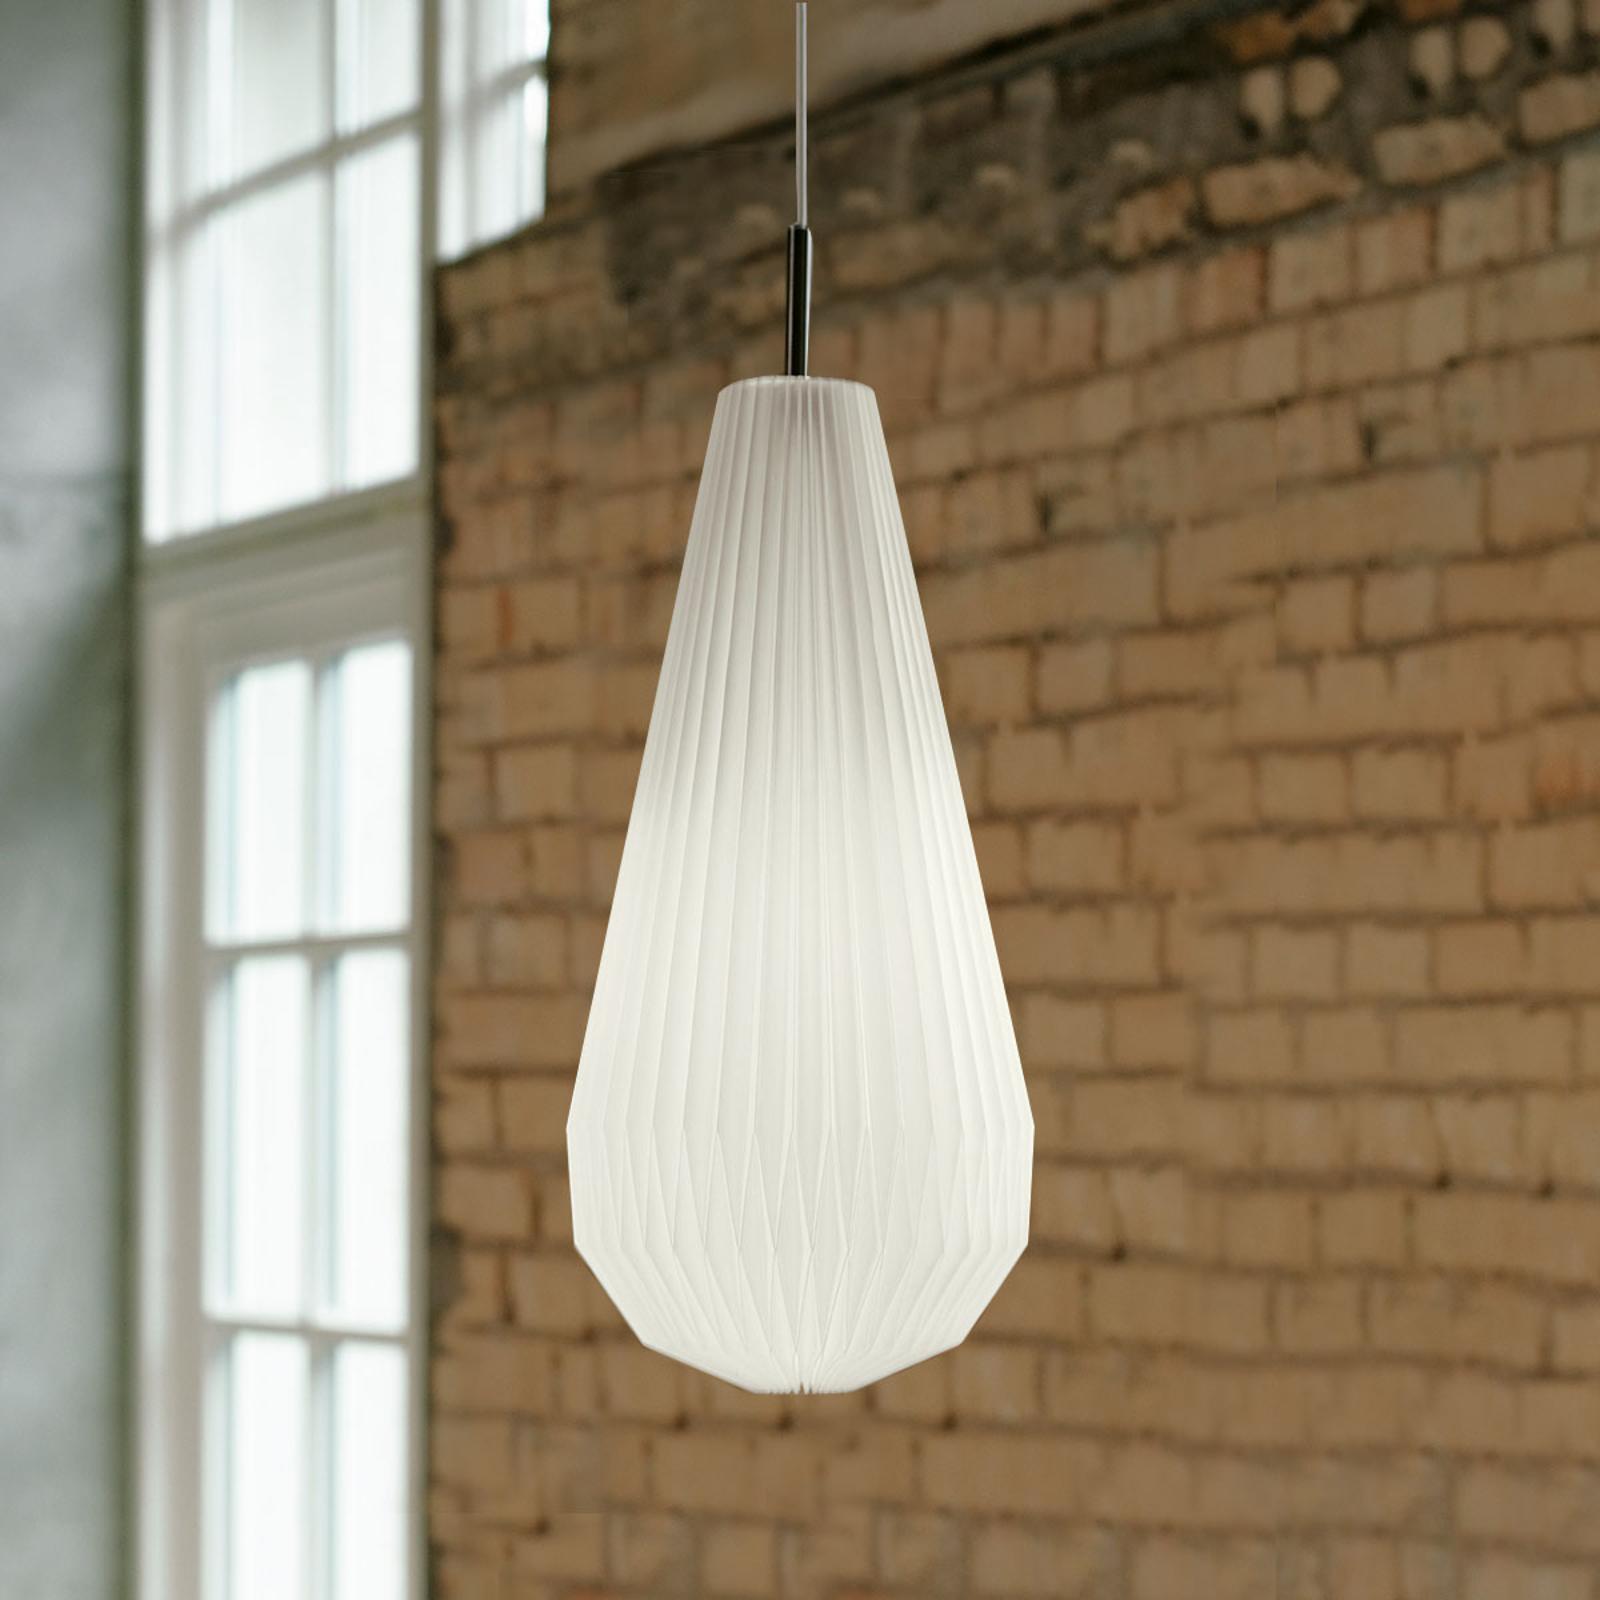 Le KLINT Comet - design-hanglamp, 20 cm